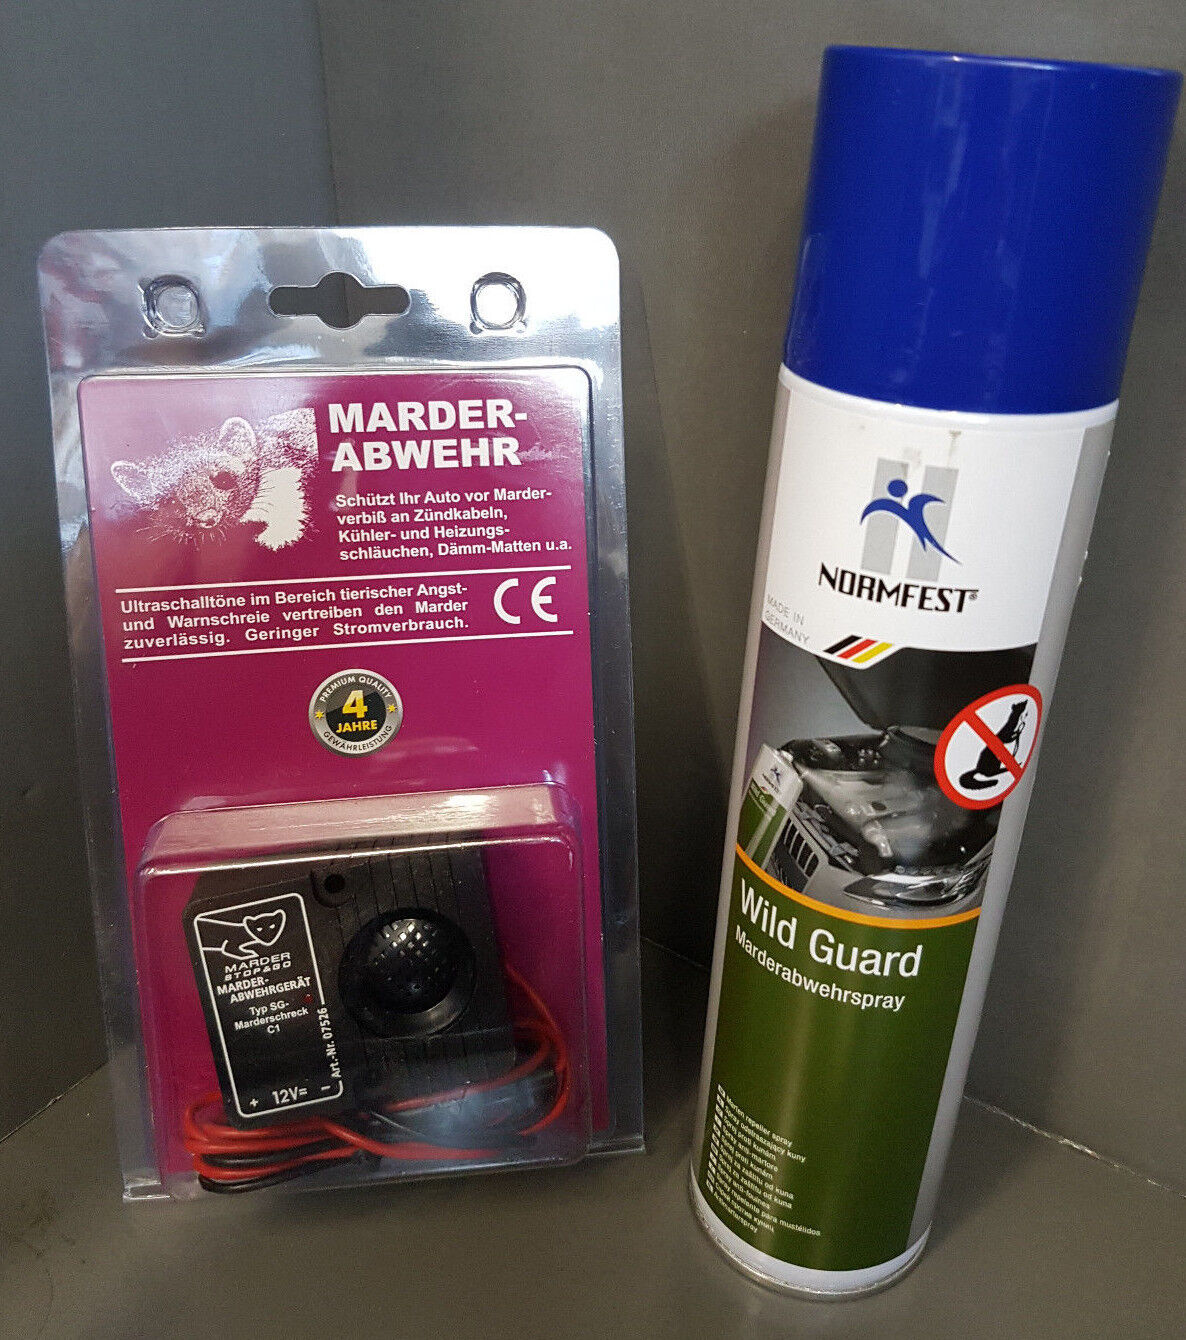 1x FERMATA & GO Spaventa martora+Martora repellente spray Normfest Wildguard